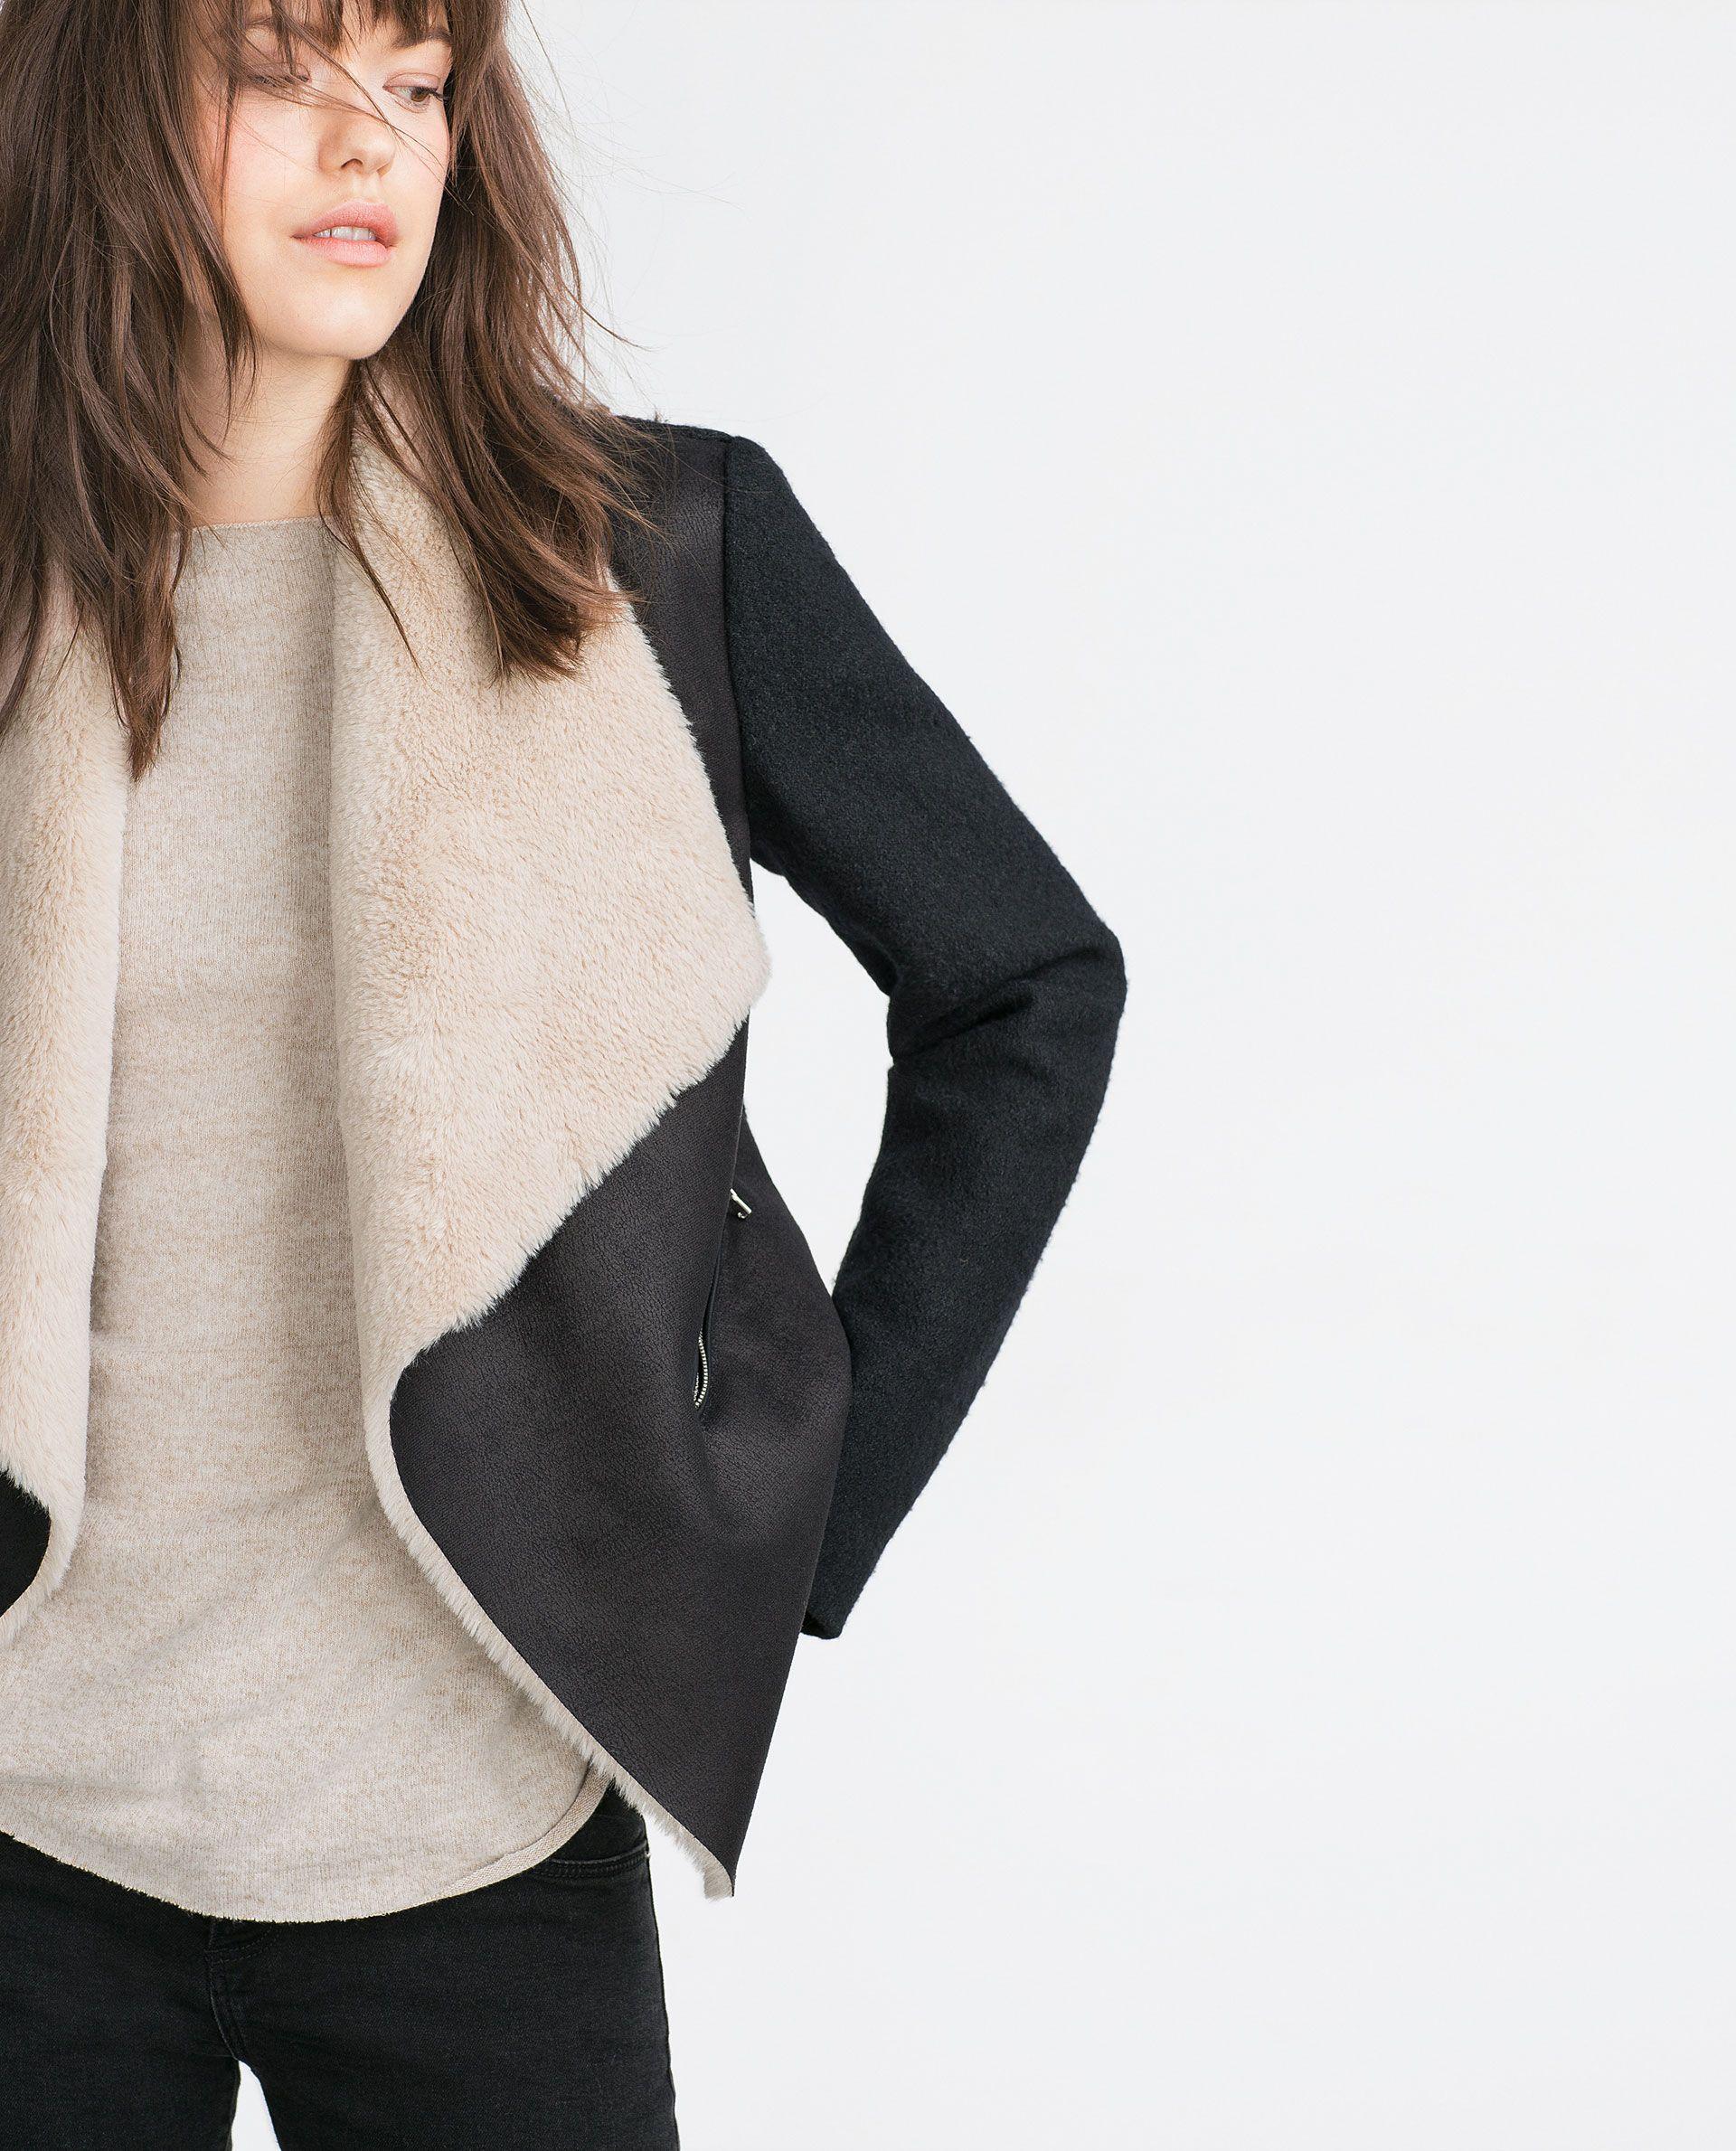 Comprar Abrigo Zara Mujer: OFERTAS TOP (octubre 2019)